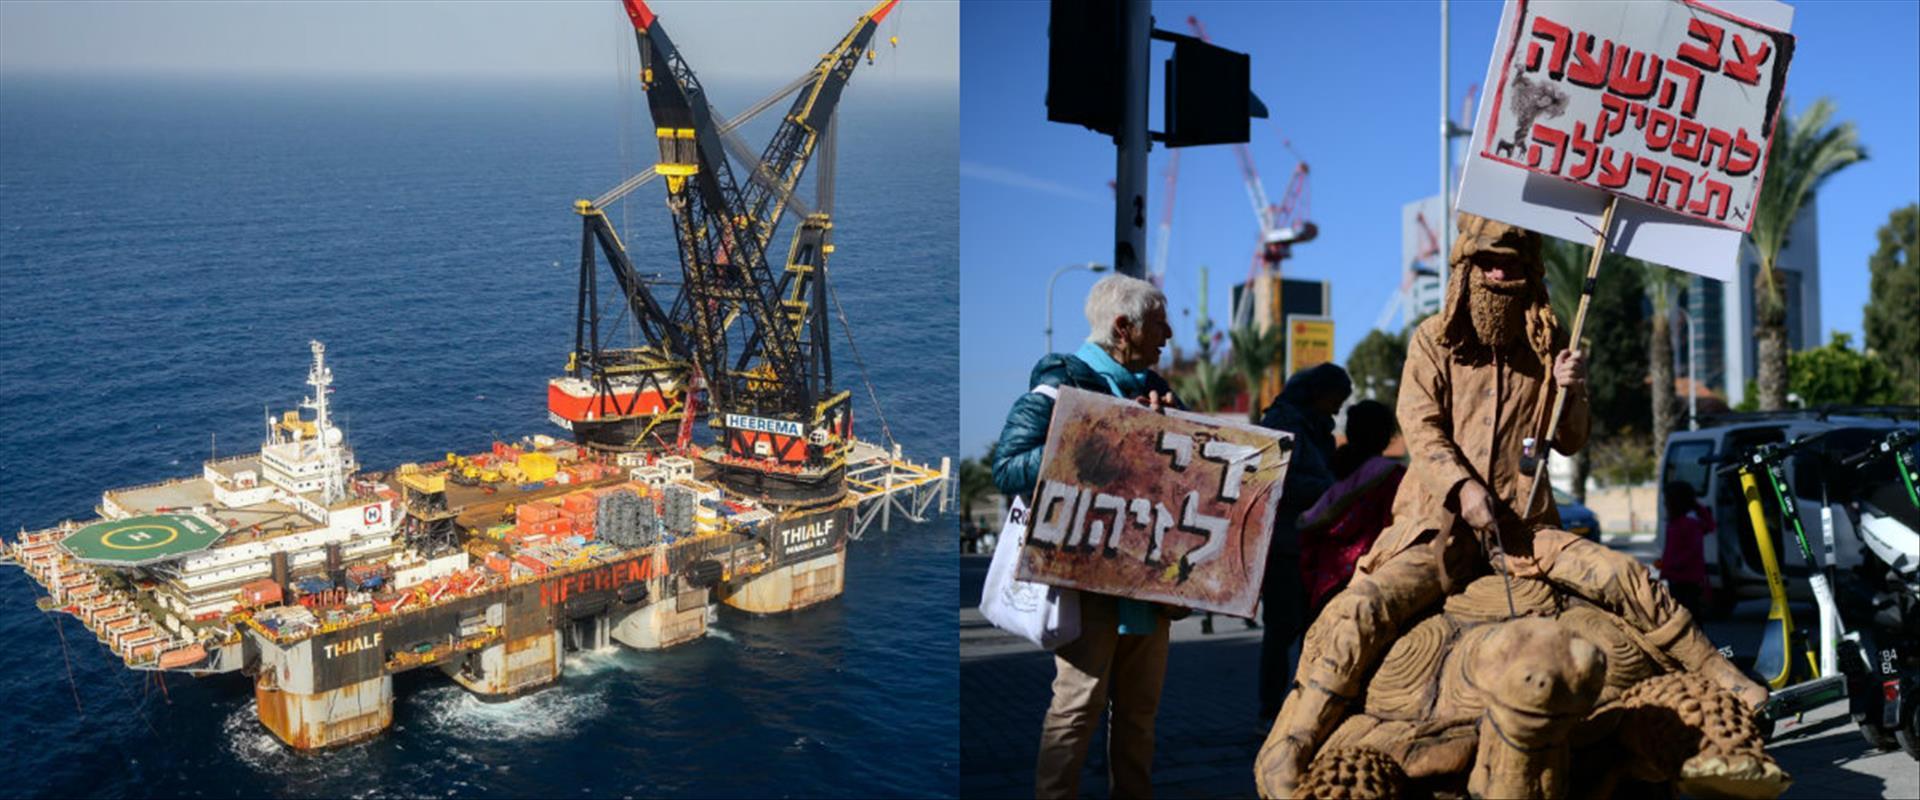 מאגר לווייתן ומחאה נגד הנישוב, ארכיון